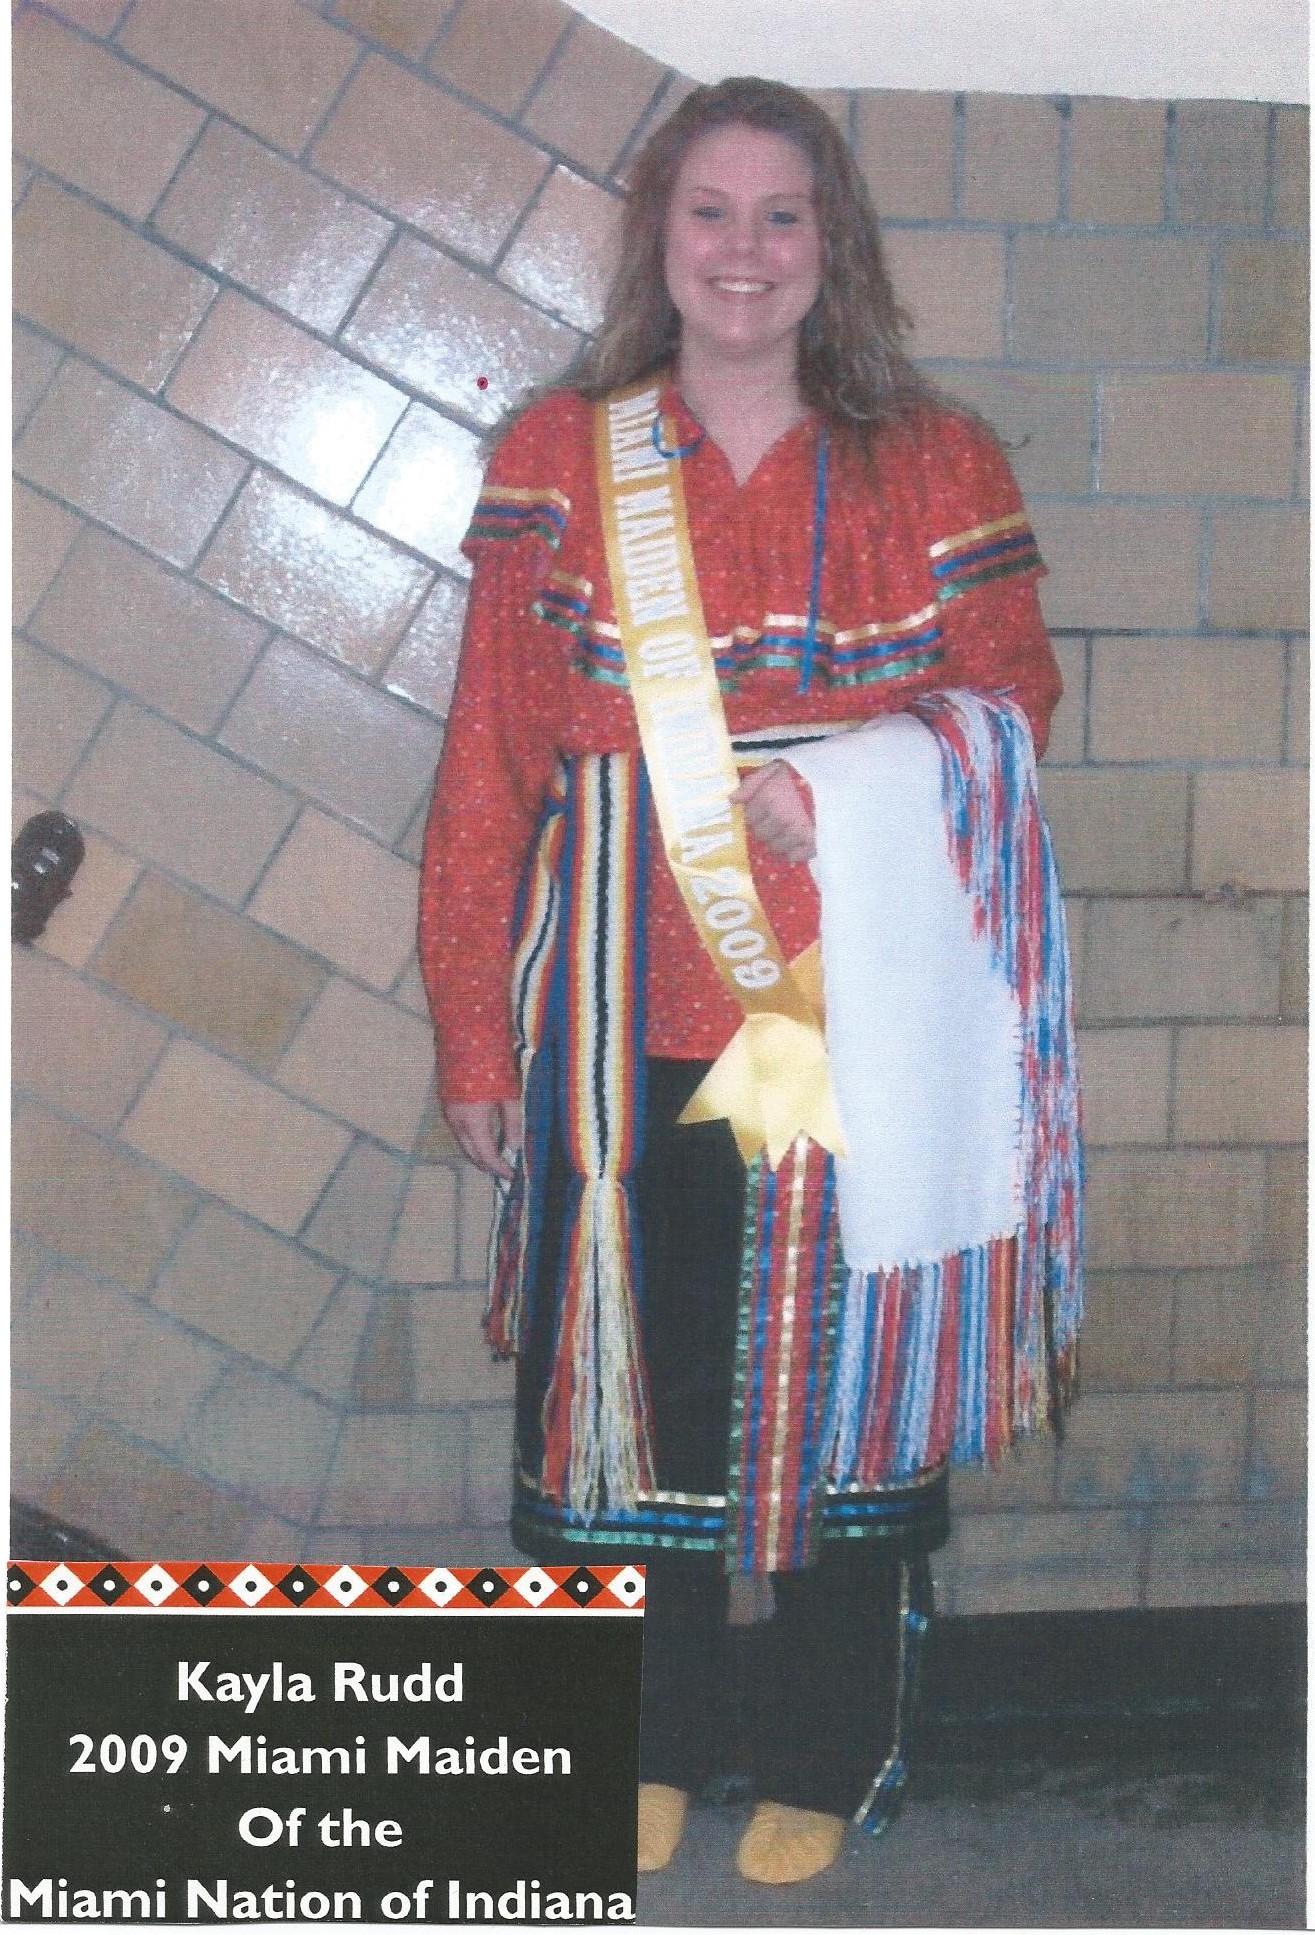 Miss Kayle Rudd - Miss Miami Maiden 2009